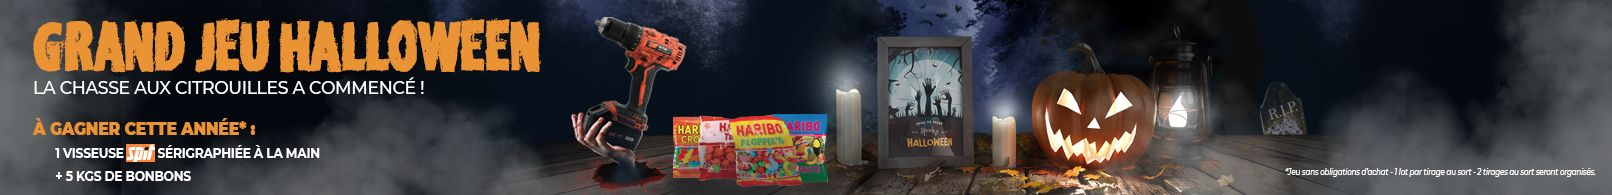 bannière jeu concours Halloween